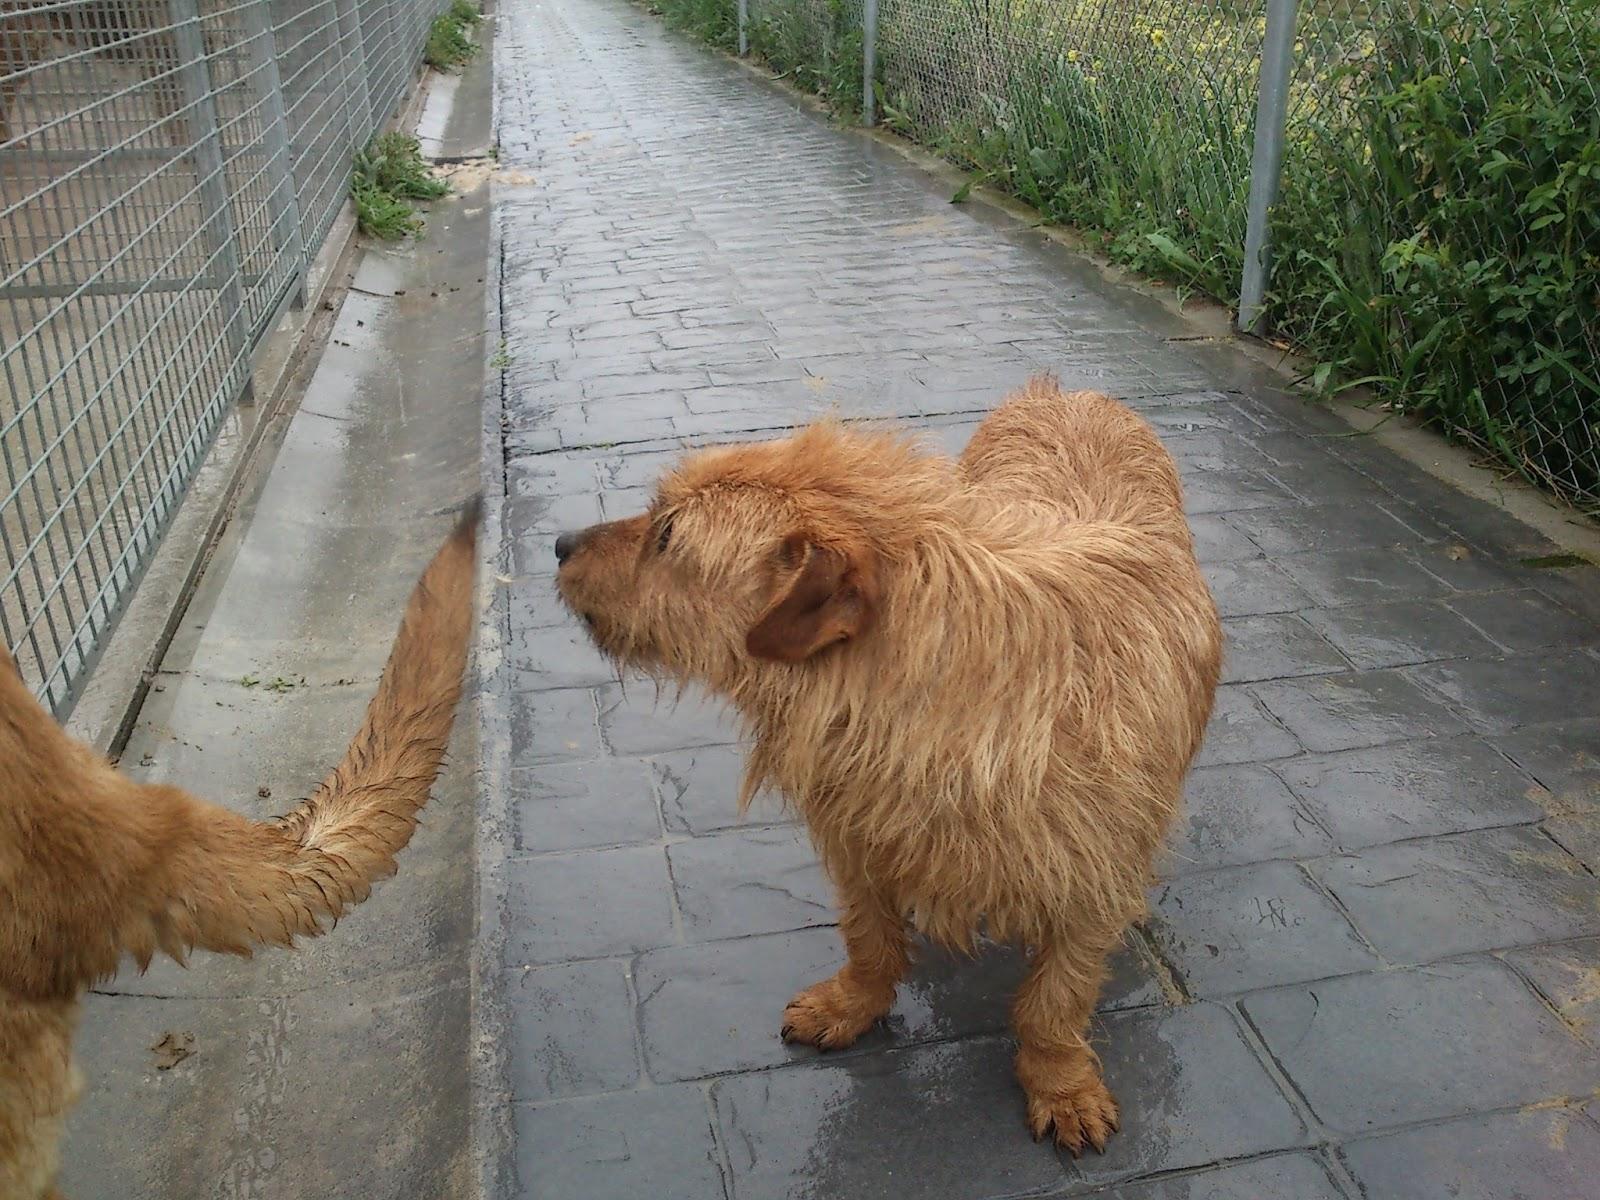 Centro de protecci n animal arroyomolinos diciembre 2013 - Chino arroyomolinos ...